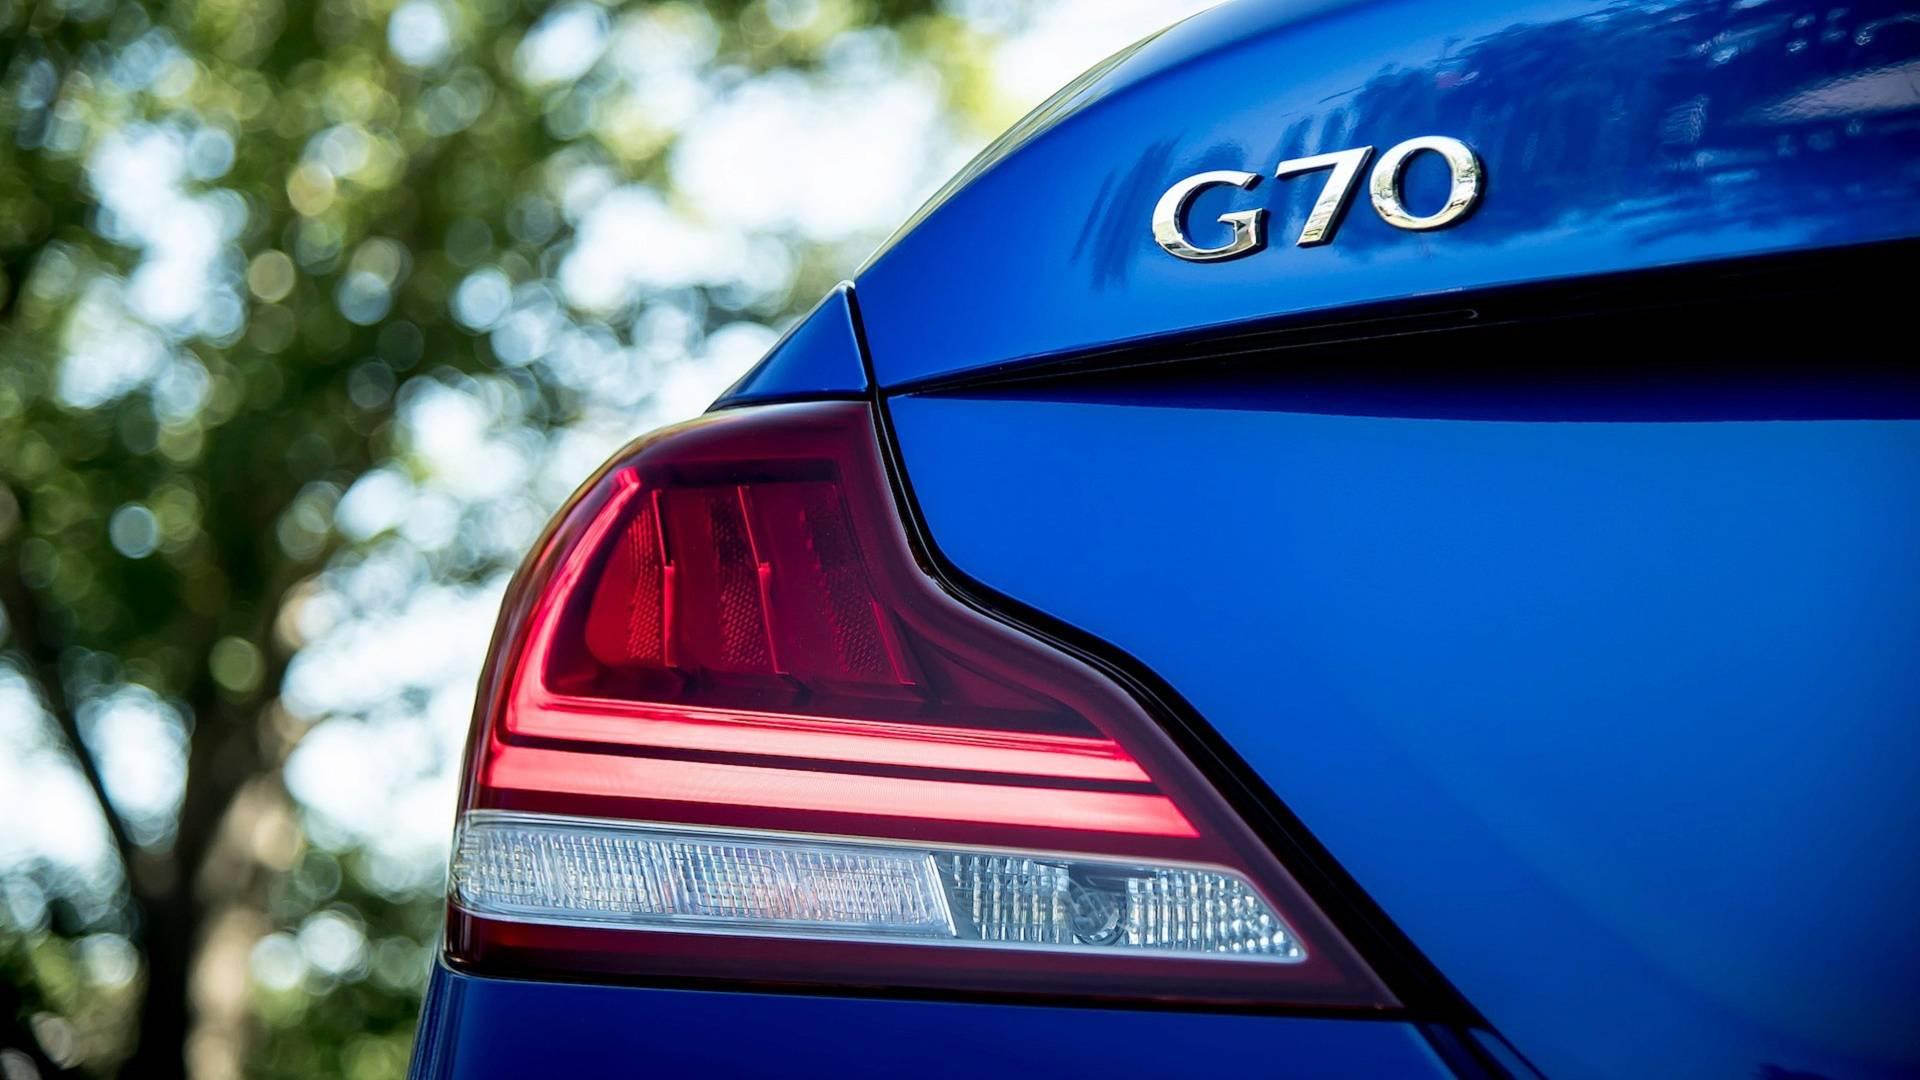 2019-genesis-g70-first-drive-6.jpg